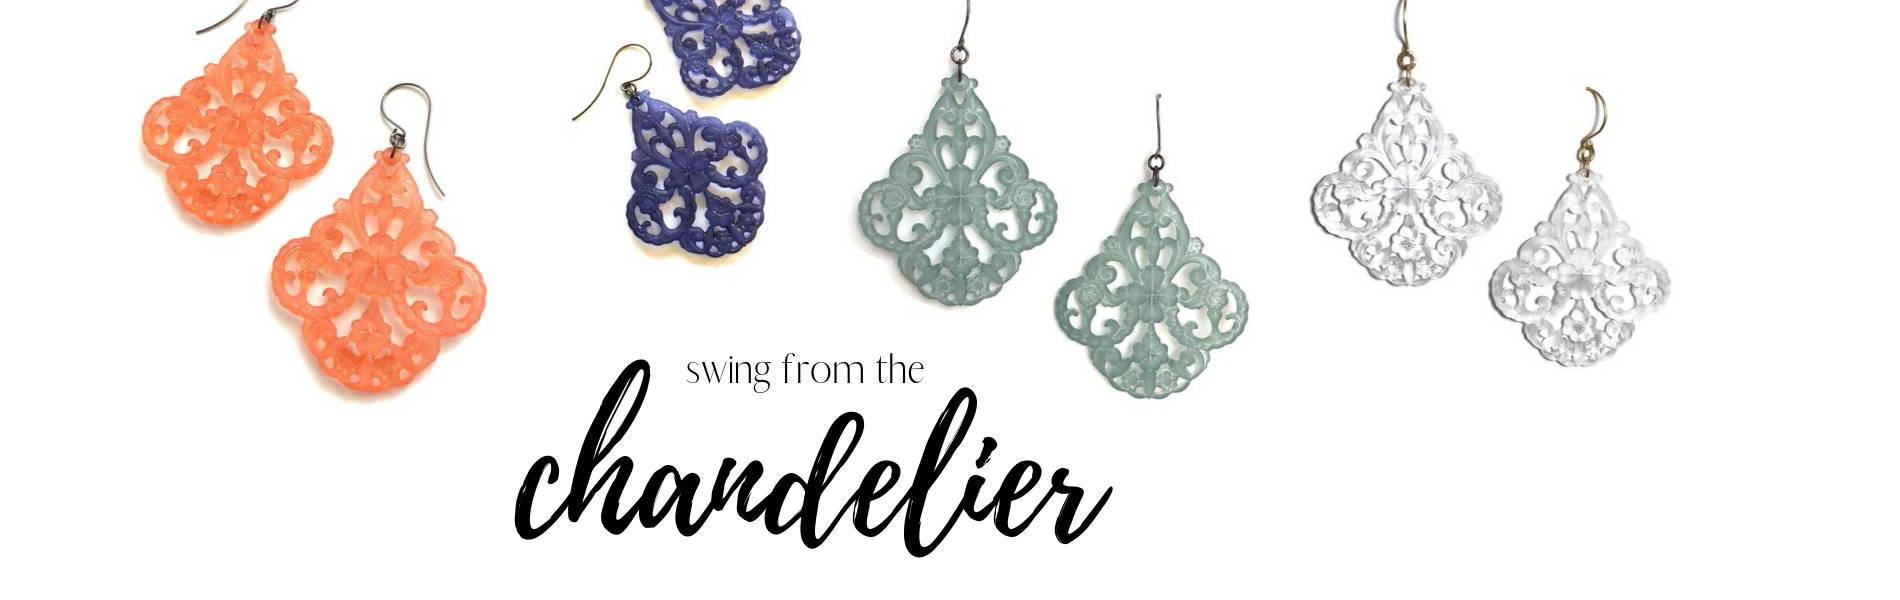 chandelier filigree statement earrings